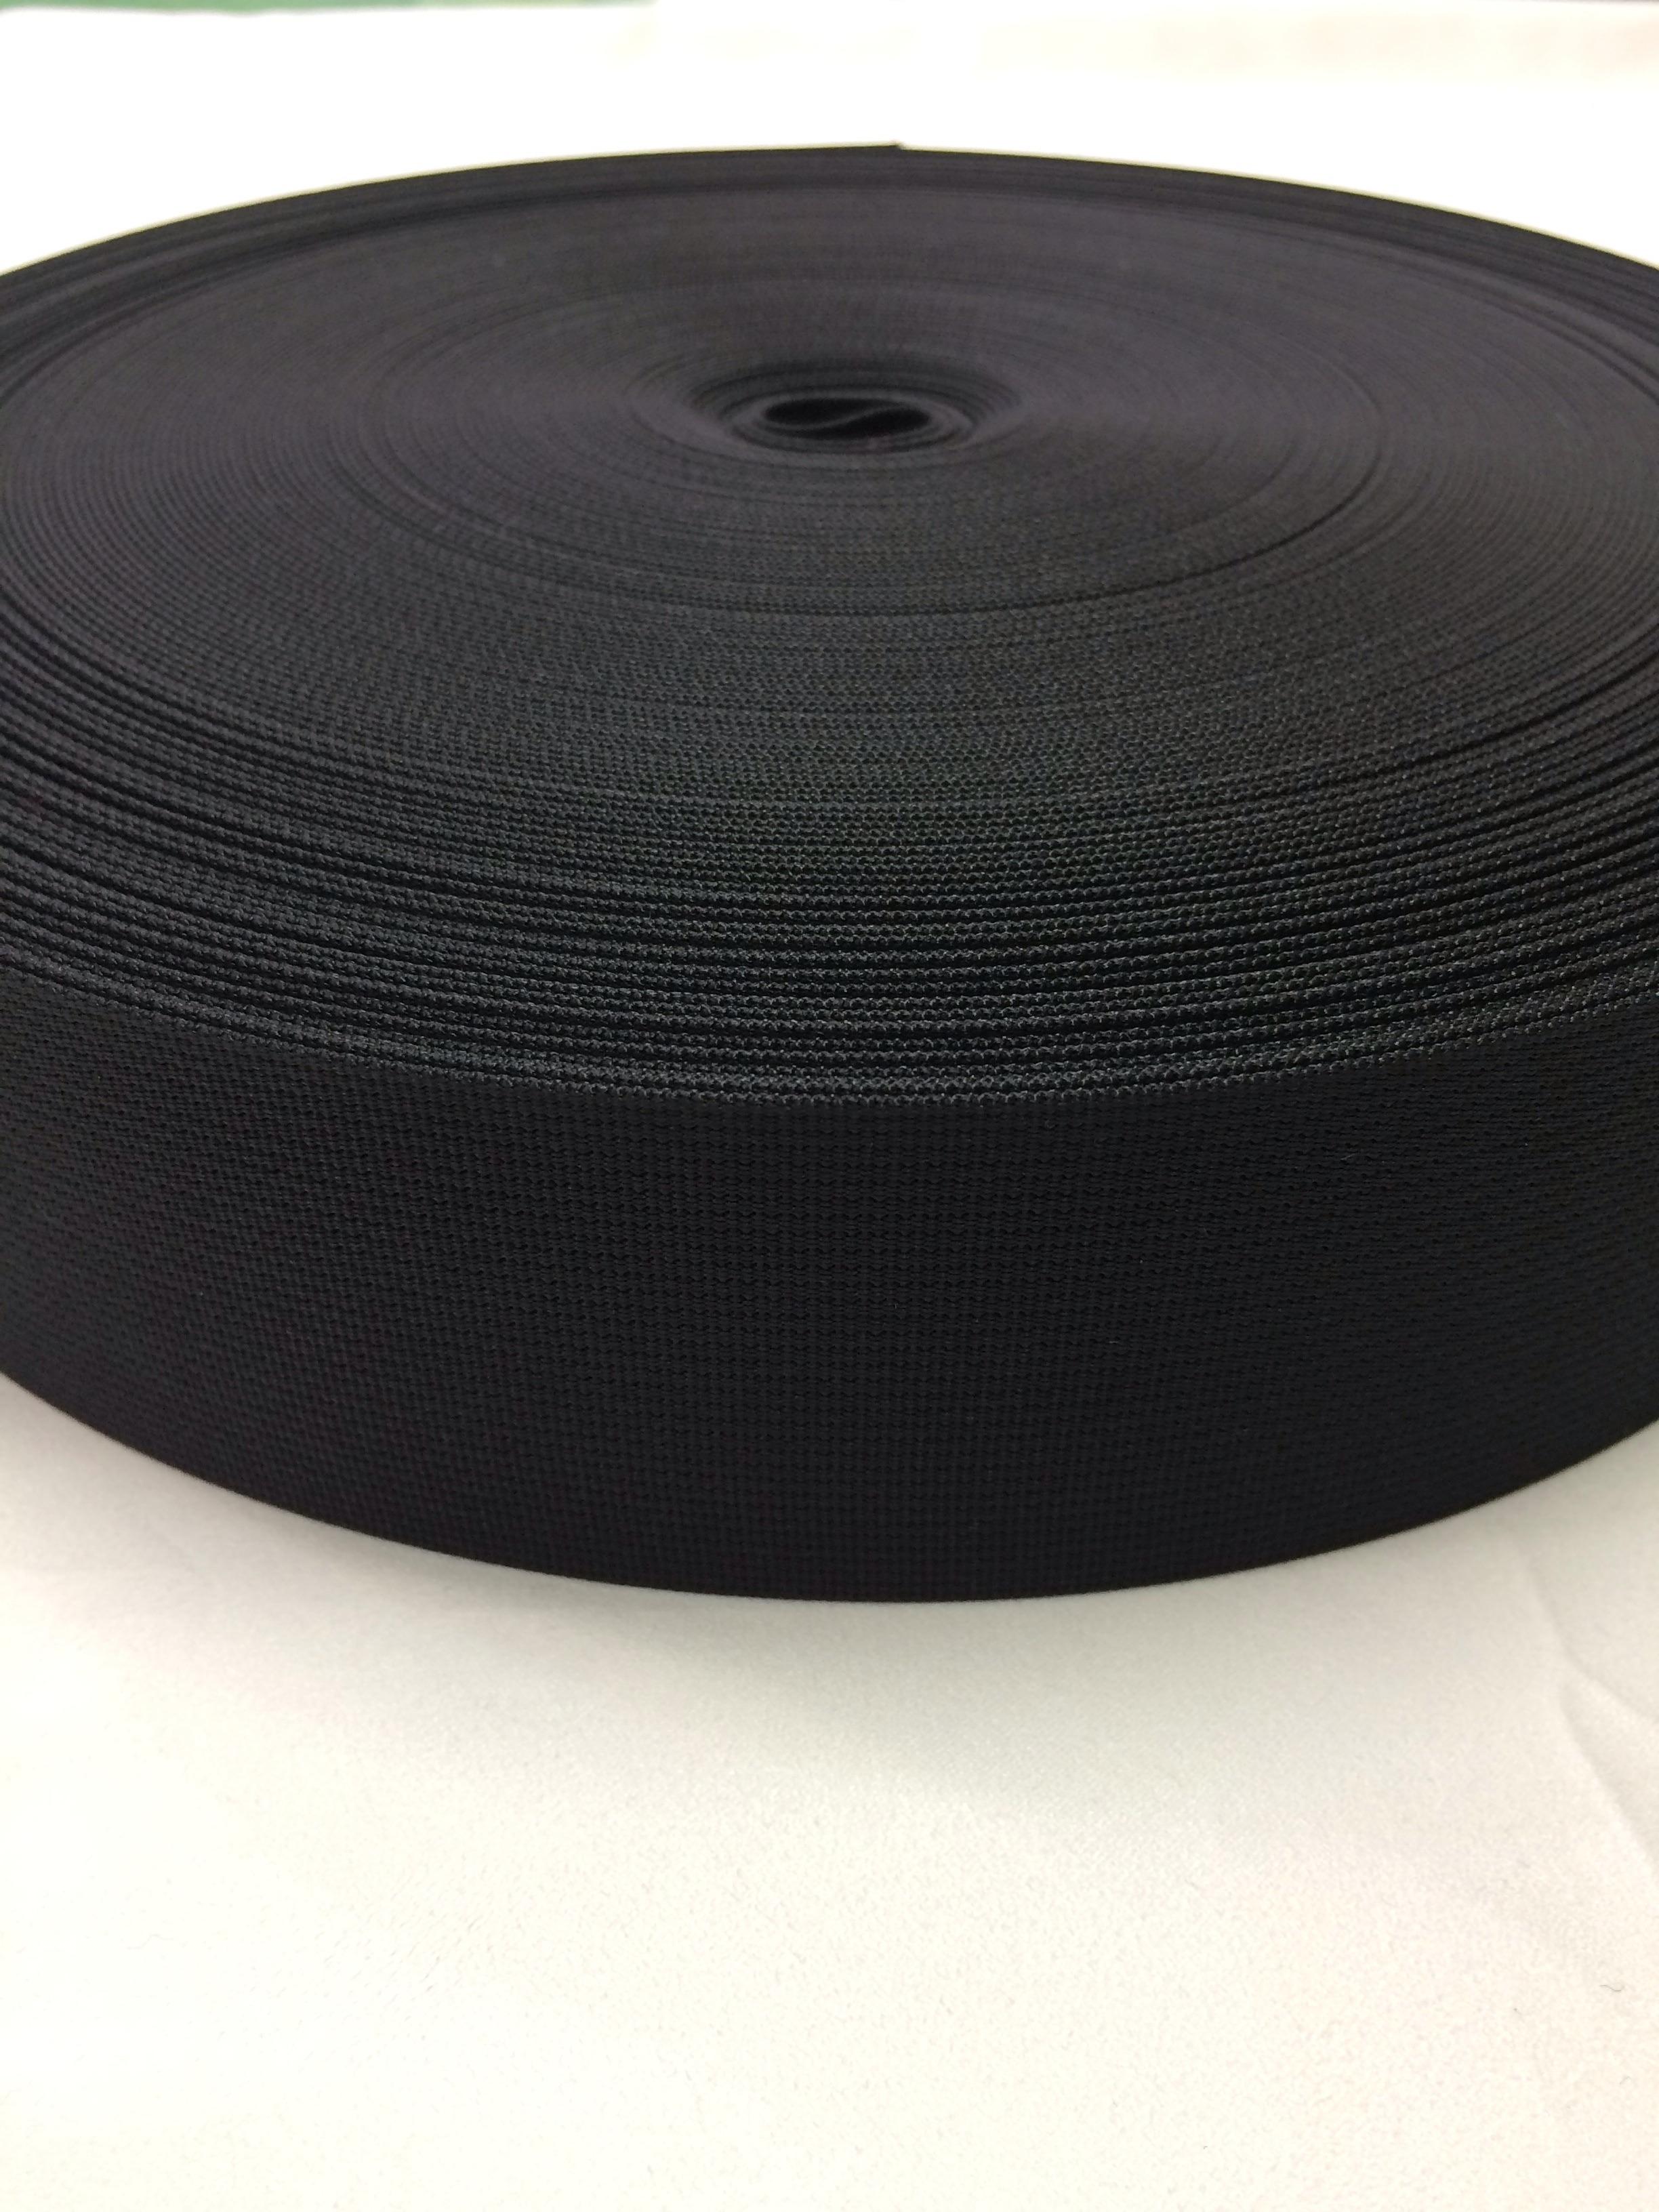 数量限定sale ショルダーベルトに最適な ナイロン ベルト 高密度 50mm幅 1mm厚 黒 1反(50m)